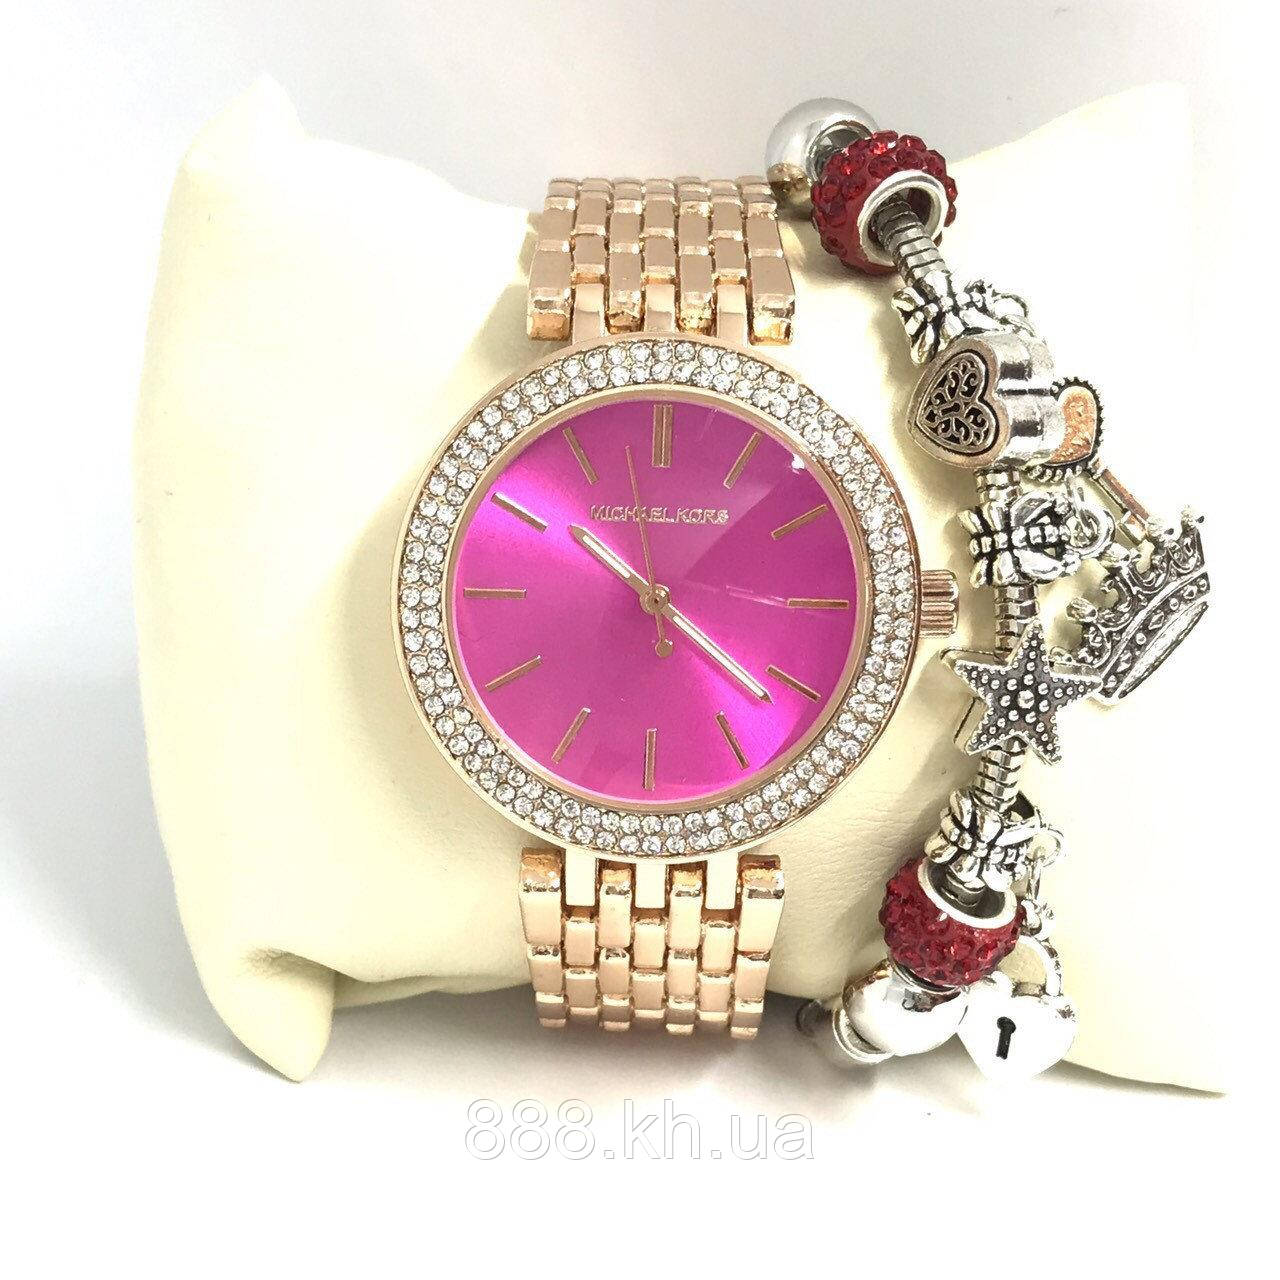 Женские наручные часы Michael Kors копия класса люкс, жіночі годинники Michael Kors (розовое золото/малиновый)